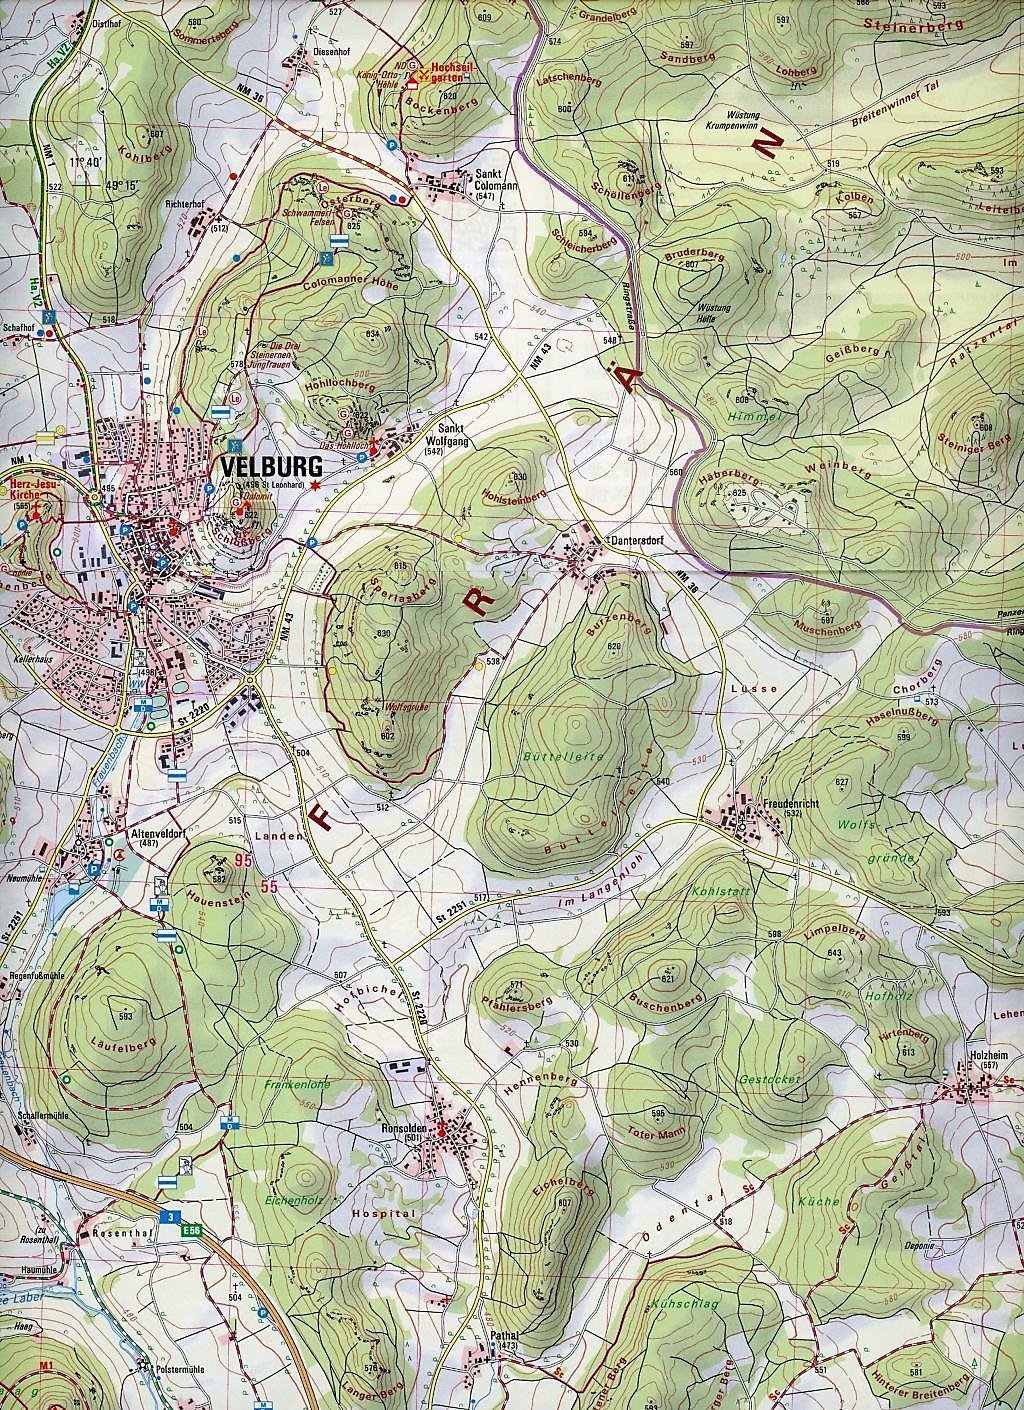 Topographische Karte Bayern.Amtliche Topographische Karte Bayern Velburg Buch Weltbild Ch